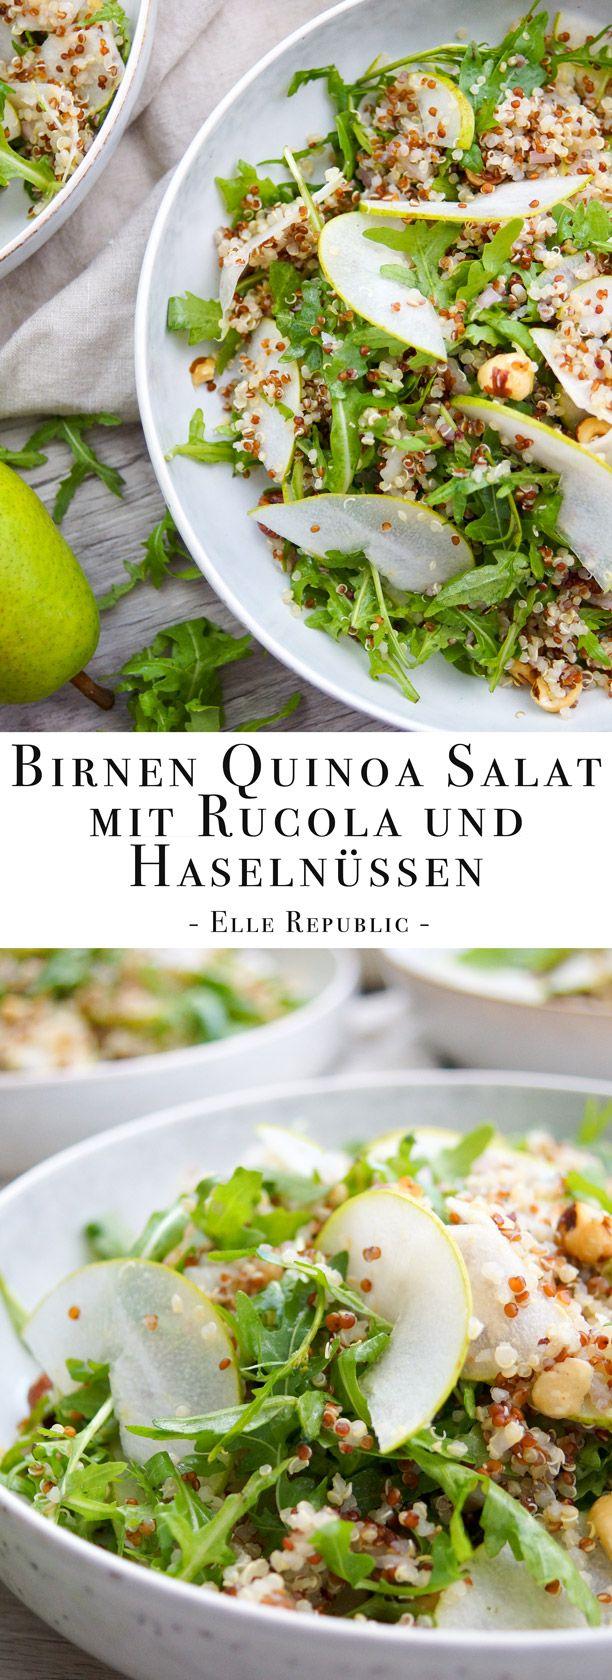 Birnen Quinoa Salat mit Rucola und gerösteten Haselnüssen #czechrecipes